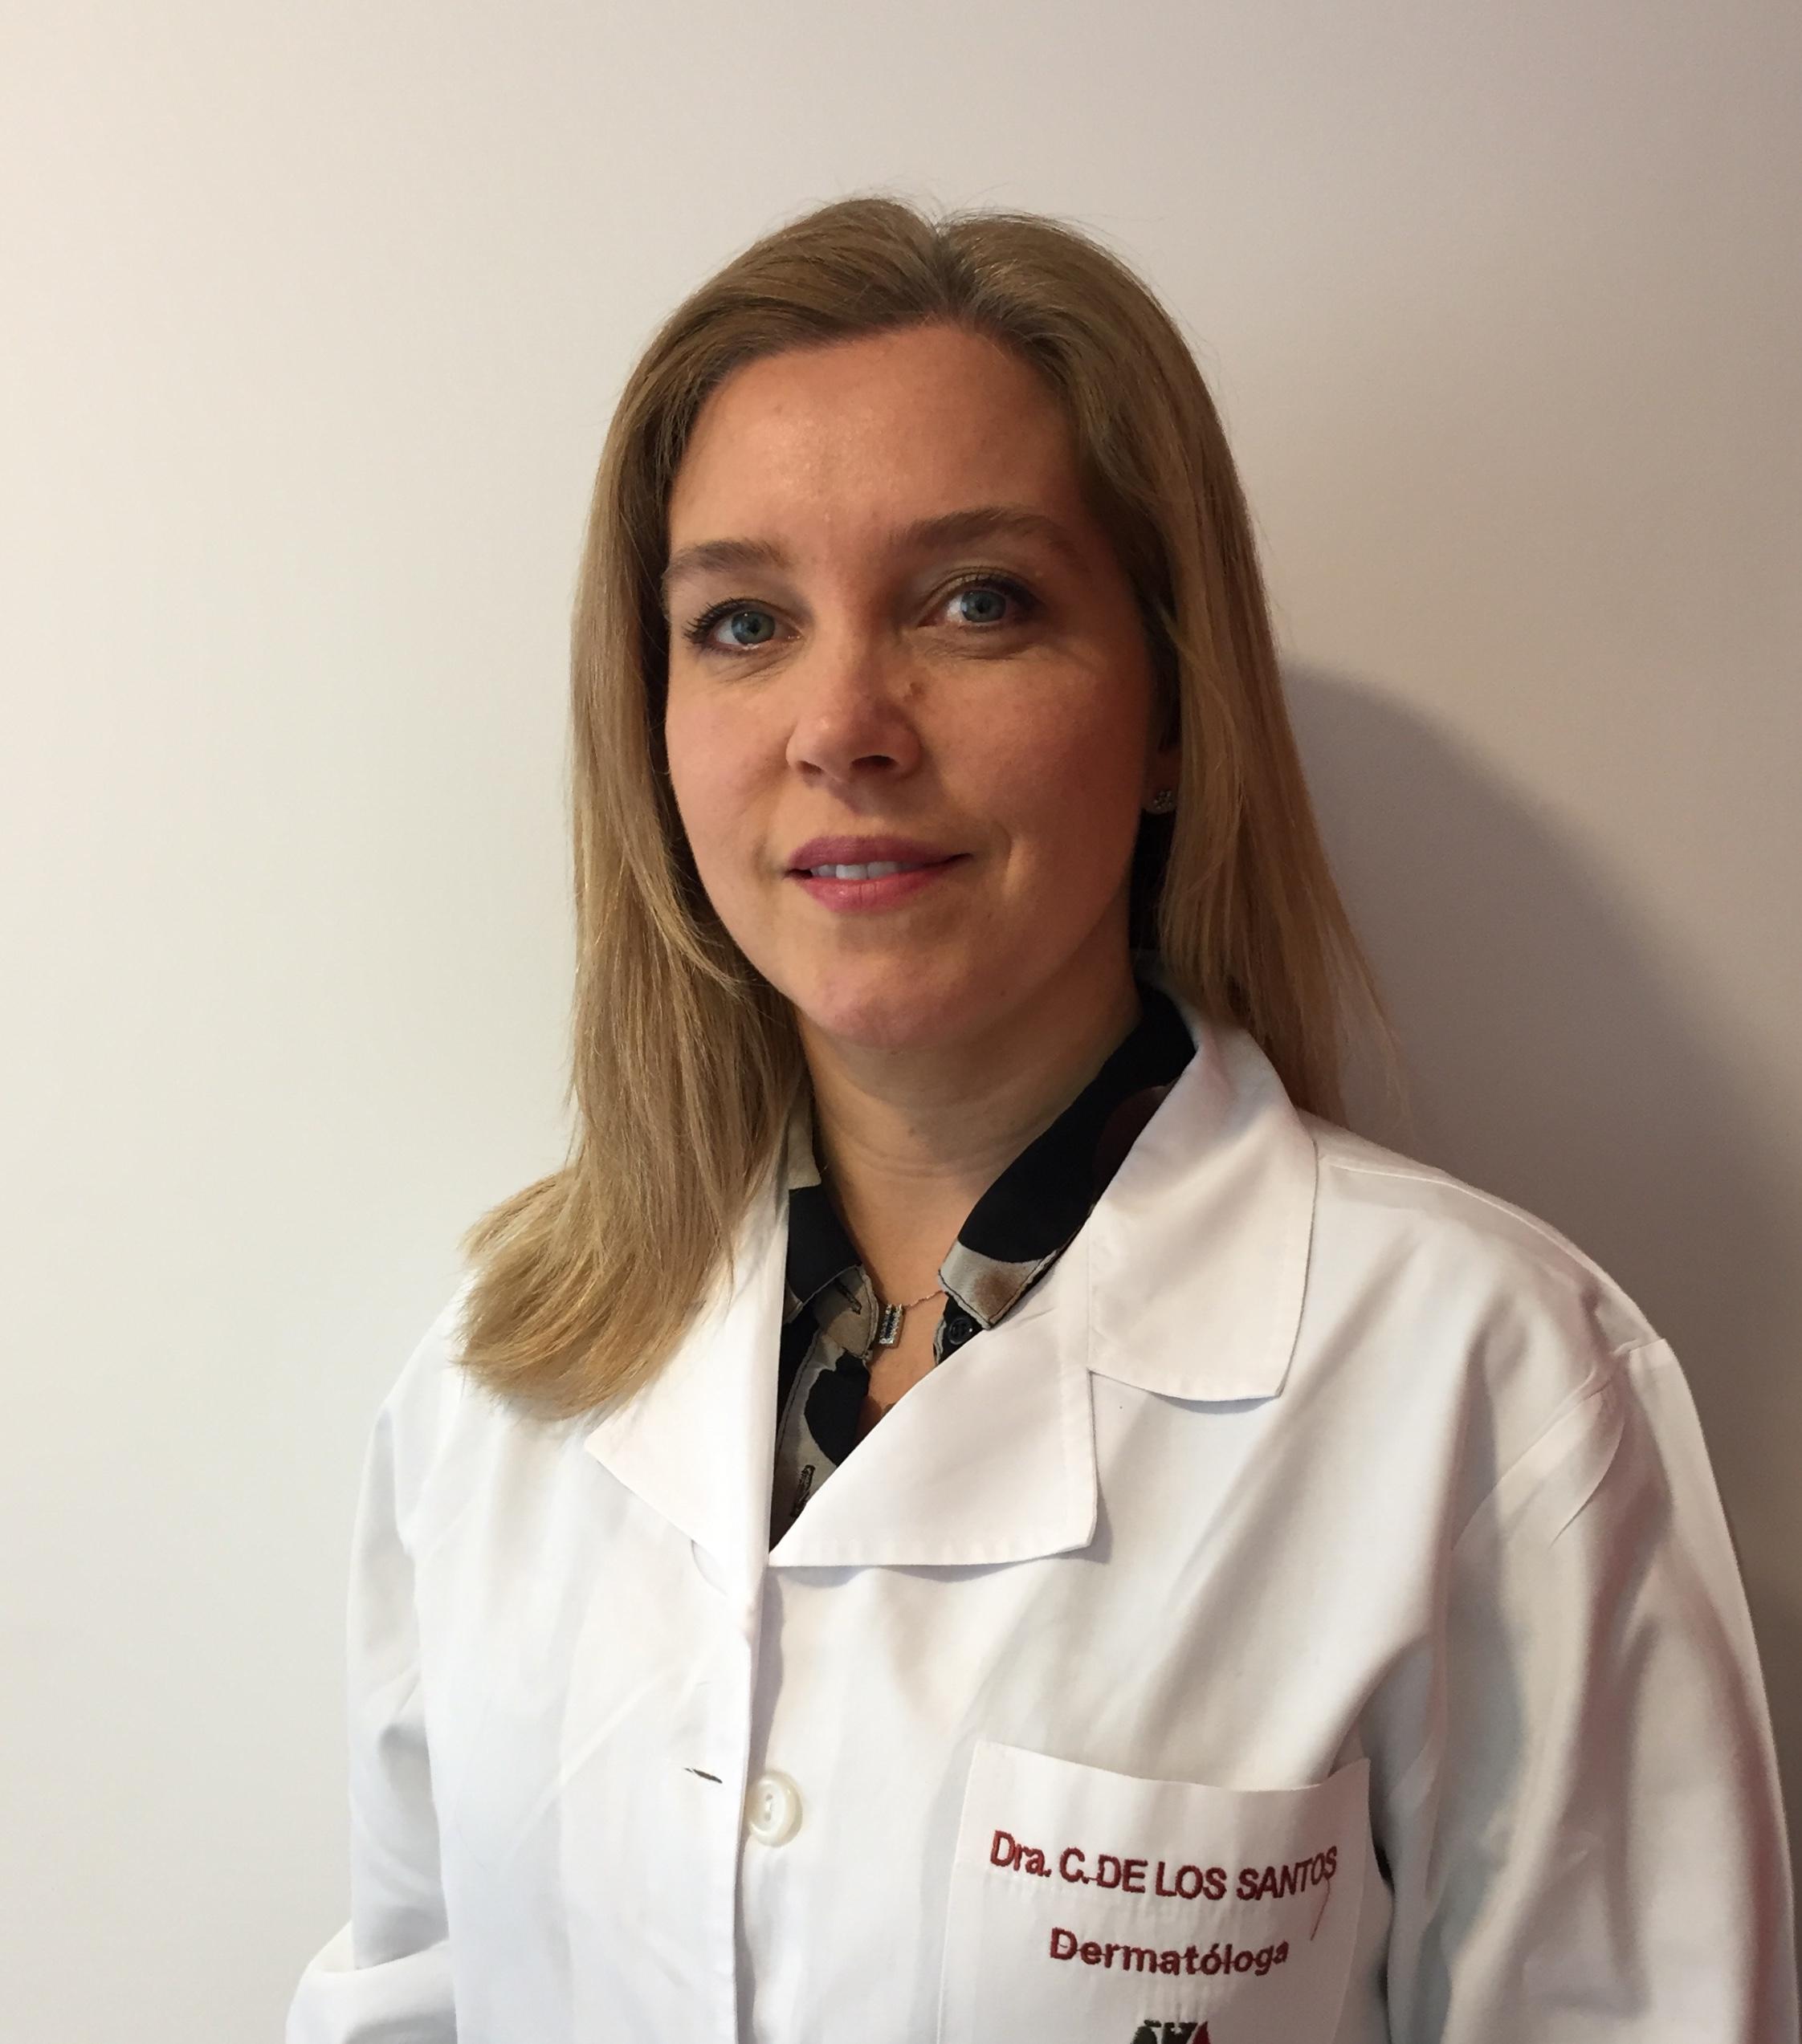 Dra. De los Santos Cyntia